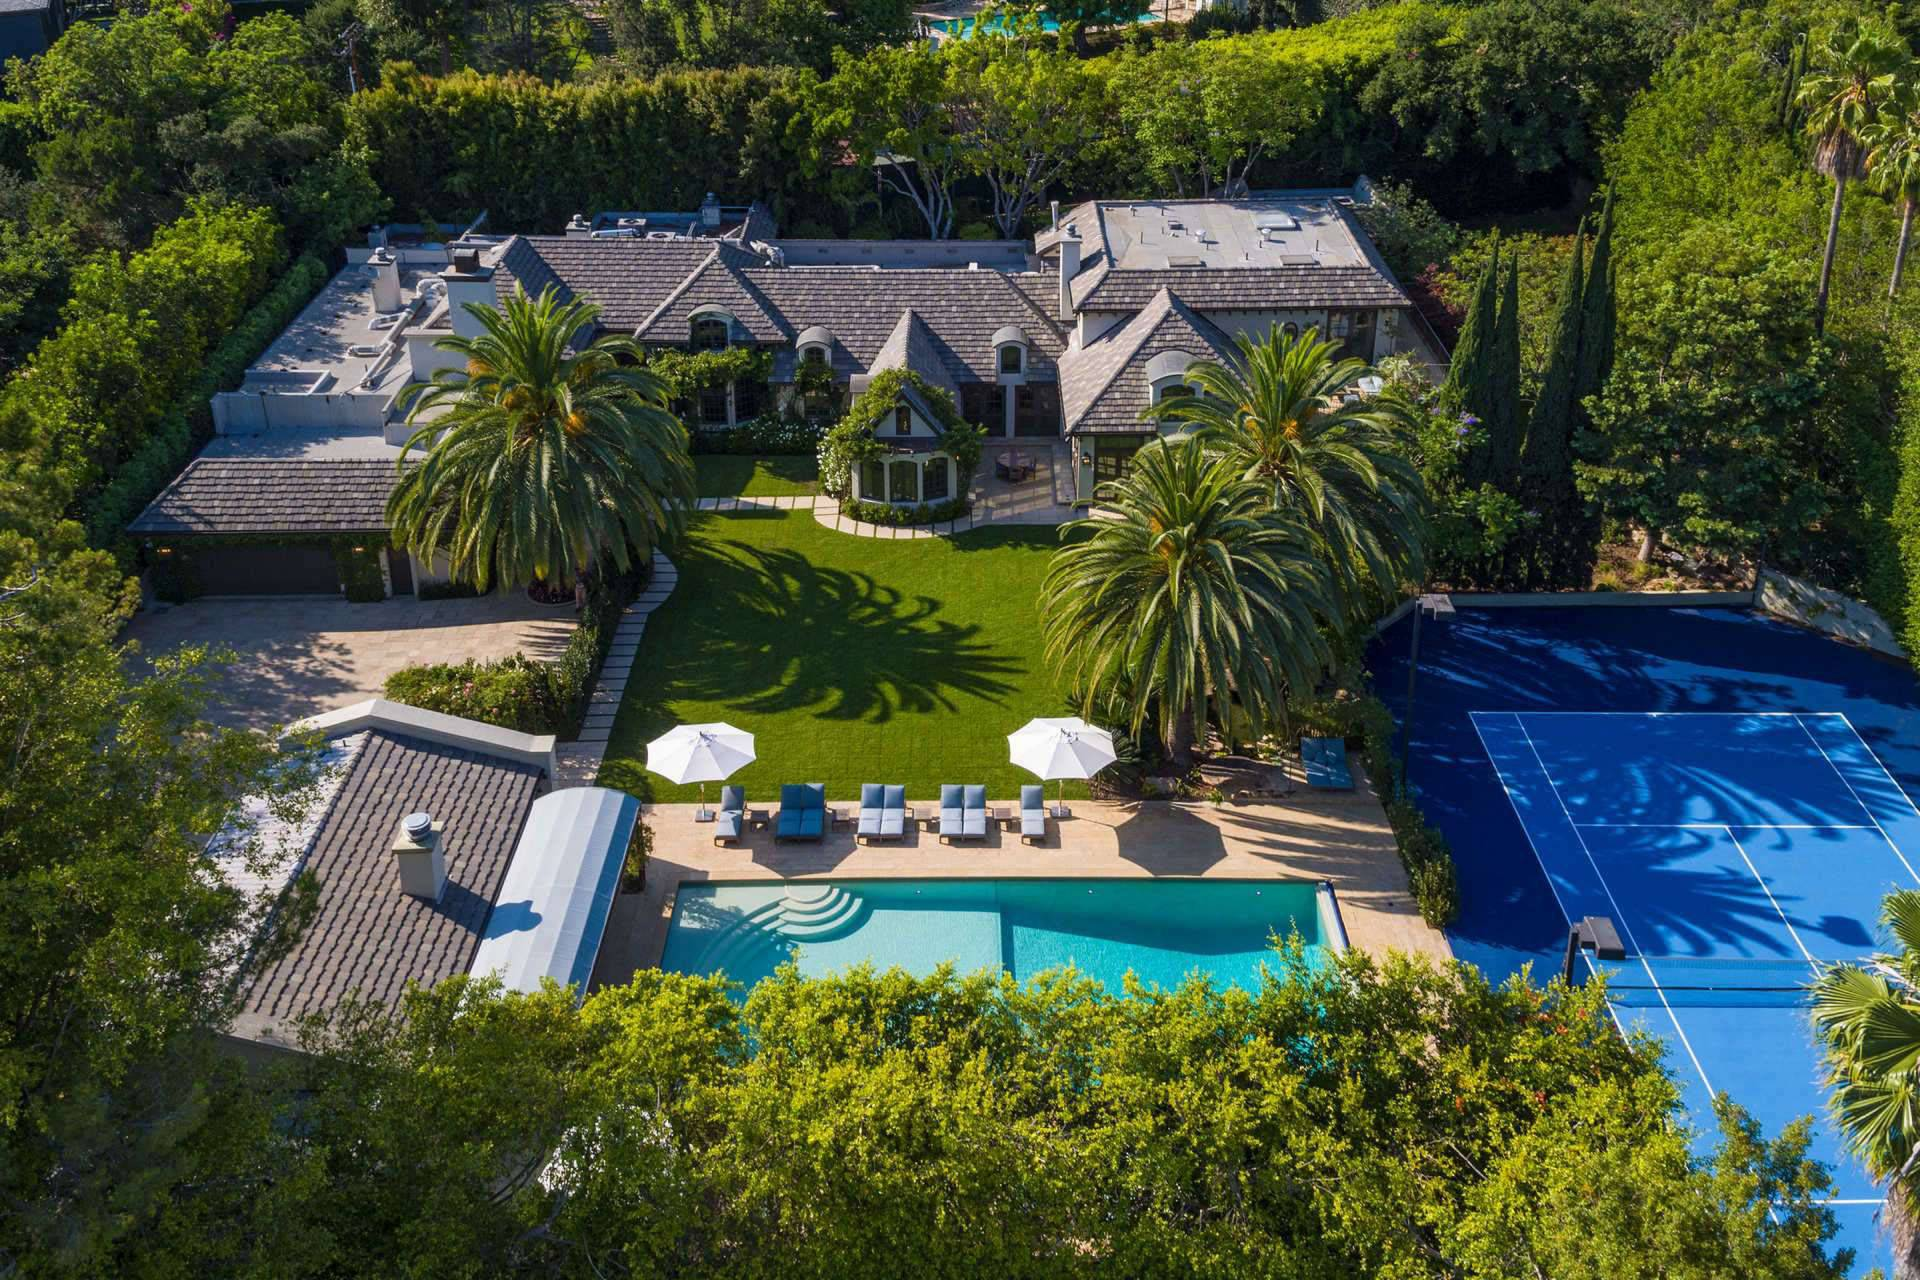 Dom który chcą kupić Justin Bieber i Hailey Baldwin